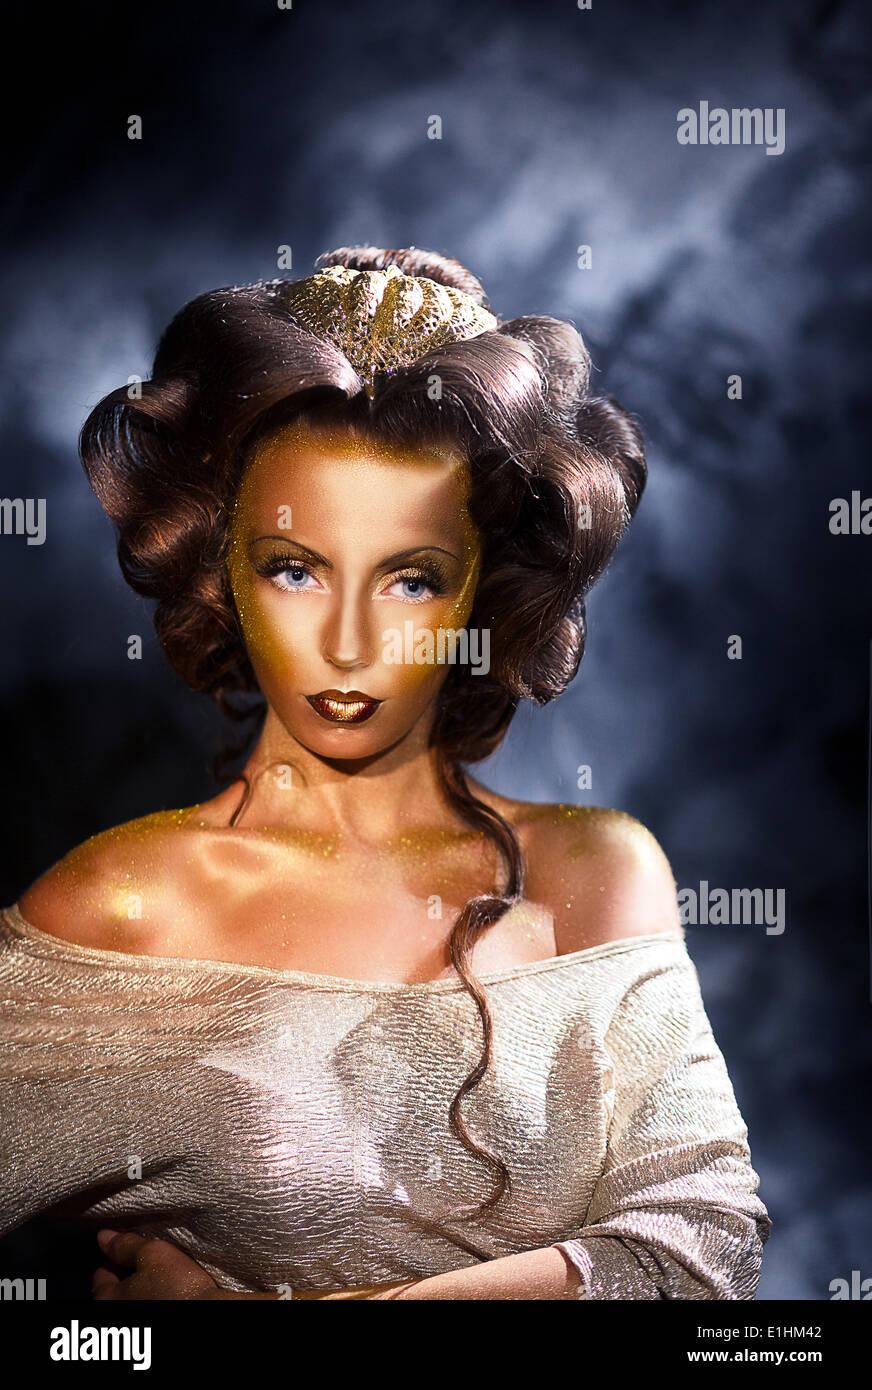 La coloración. Estilo retrato de mujer con piel de color dorado Imagen De Stock